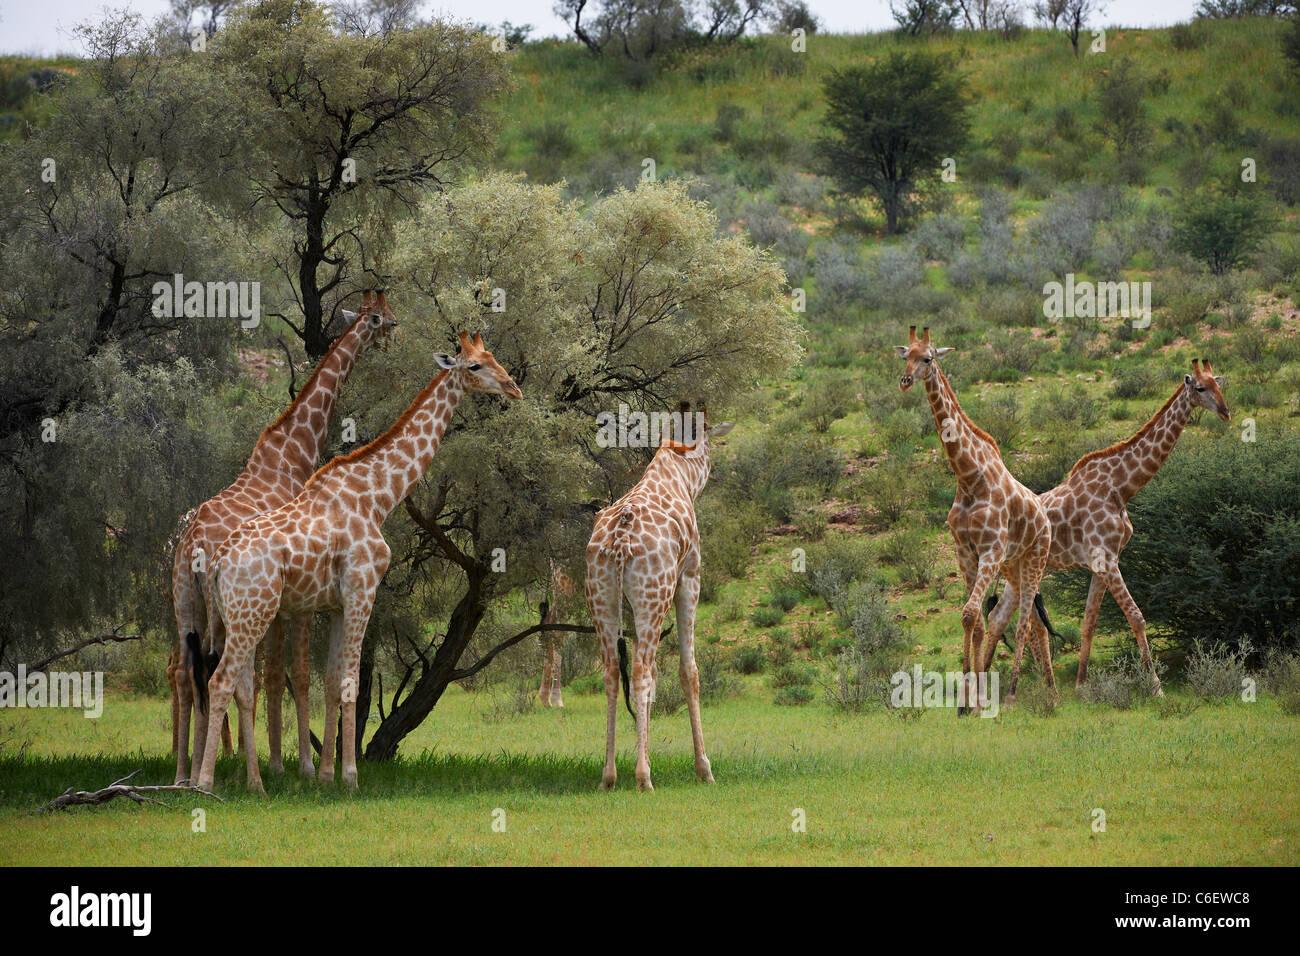 Giraffe, Giraffa camelopardalis, Kgalagadi Transfrontier Park, South Africa, Africa - Stock Image